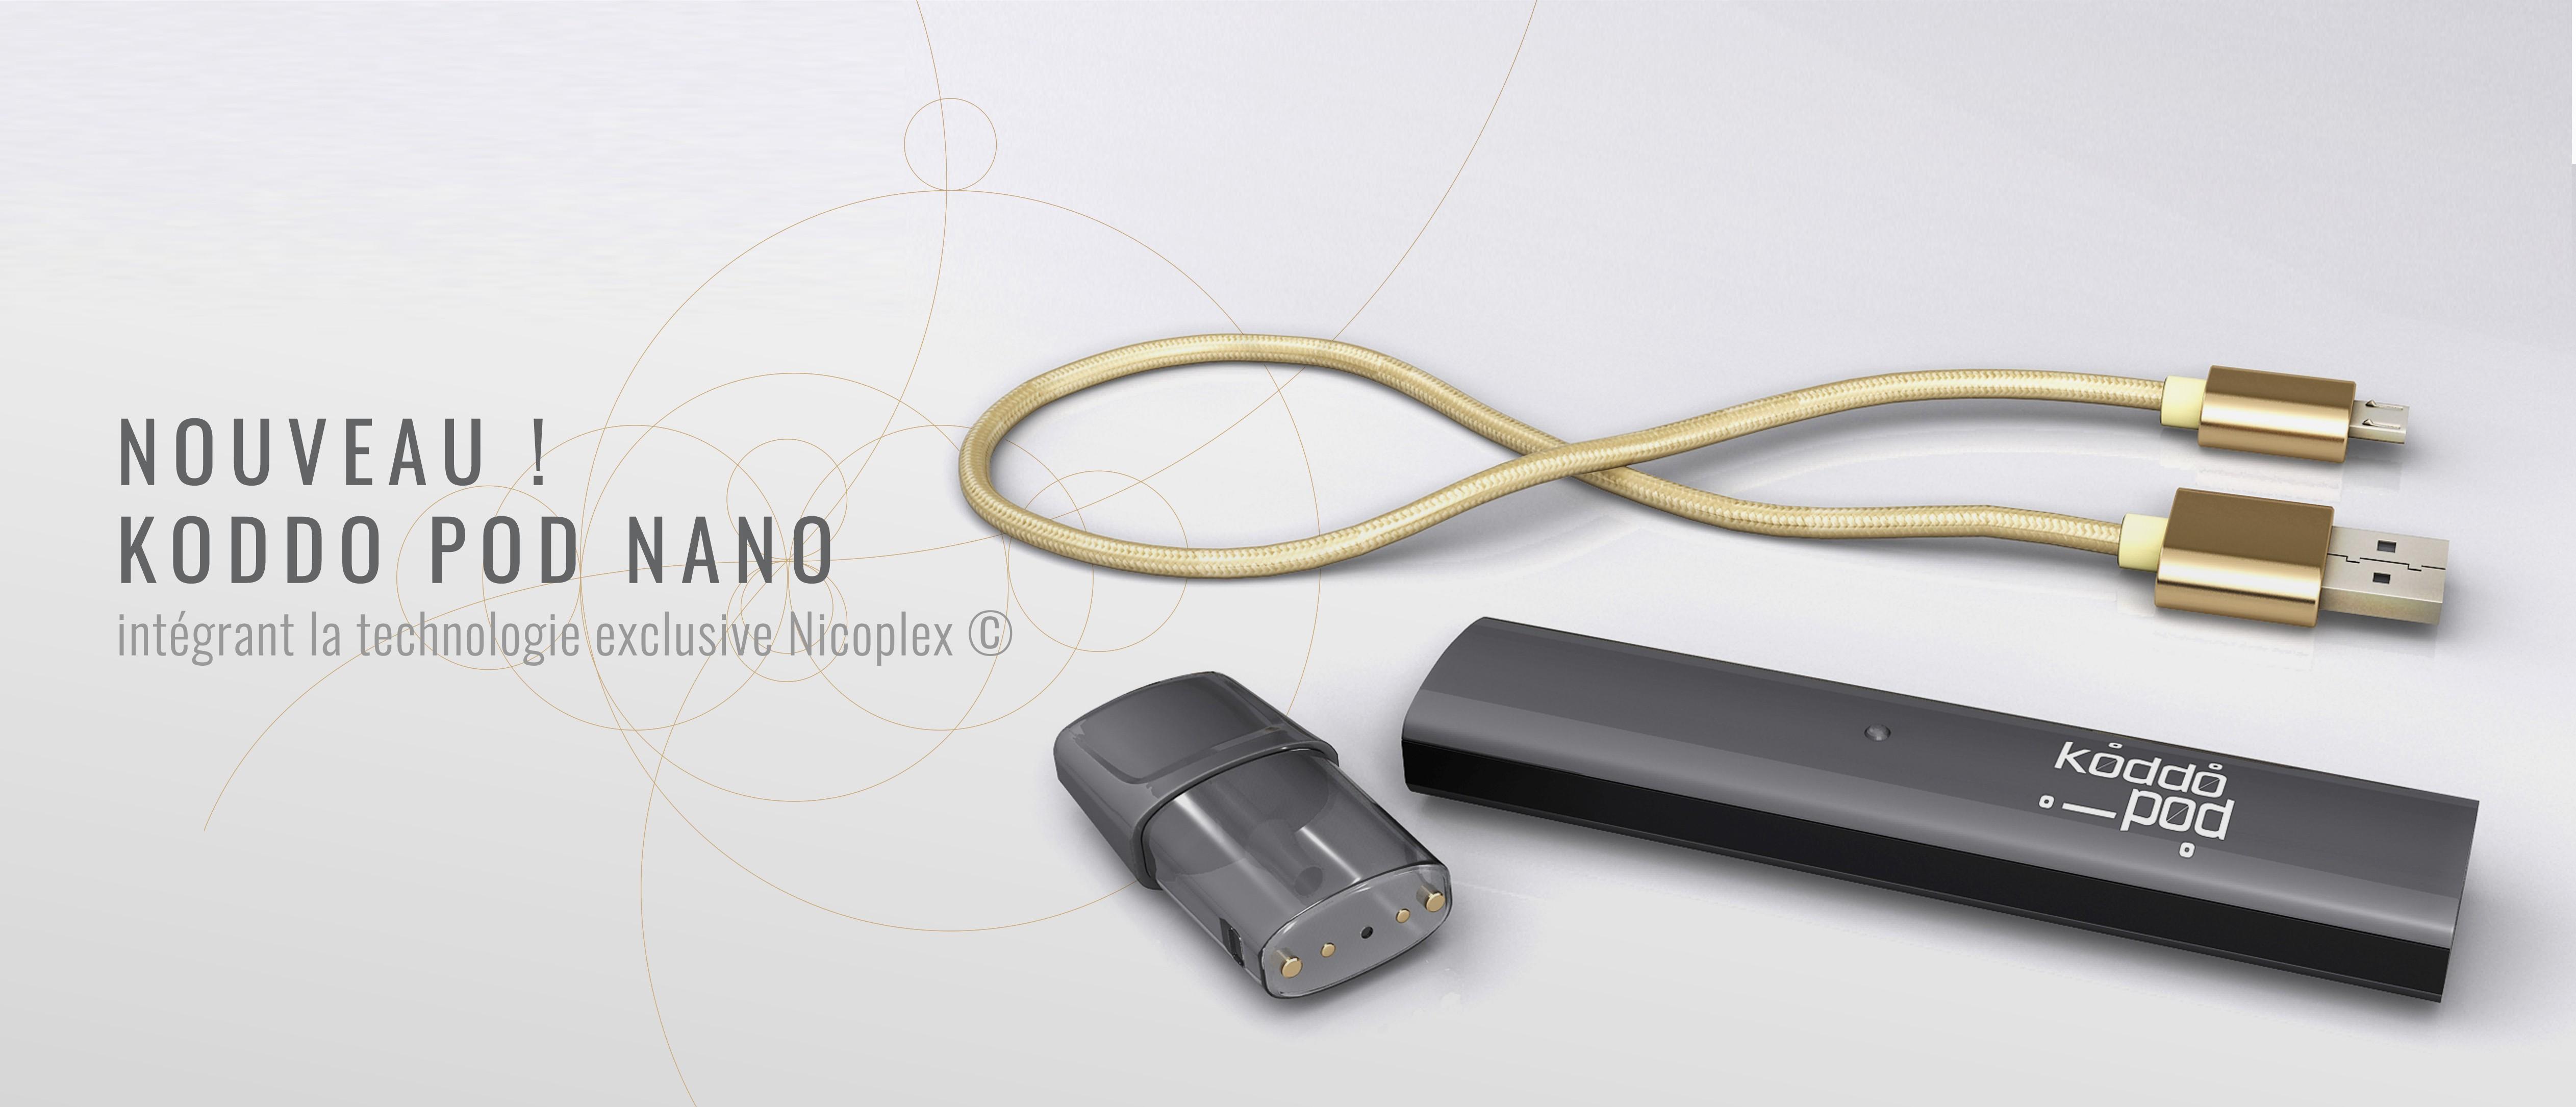 Découvrez KoddoPod Nano